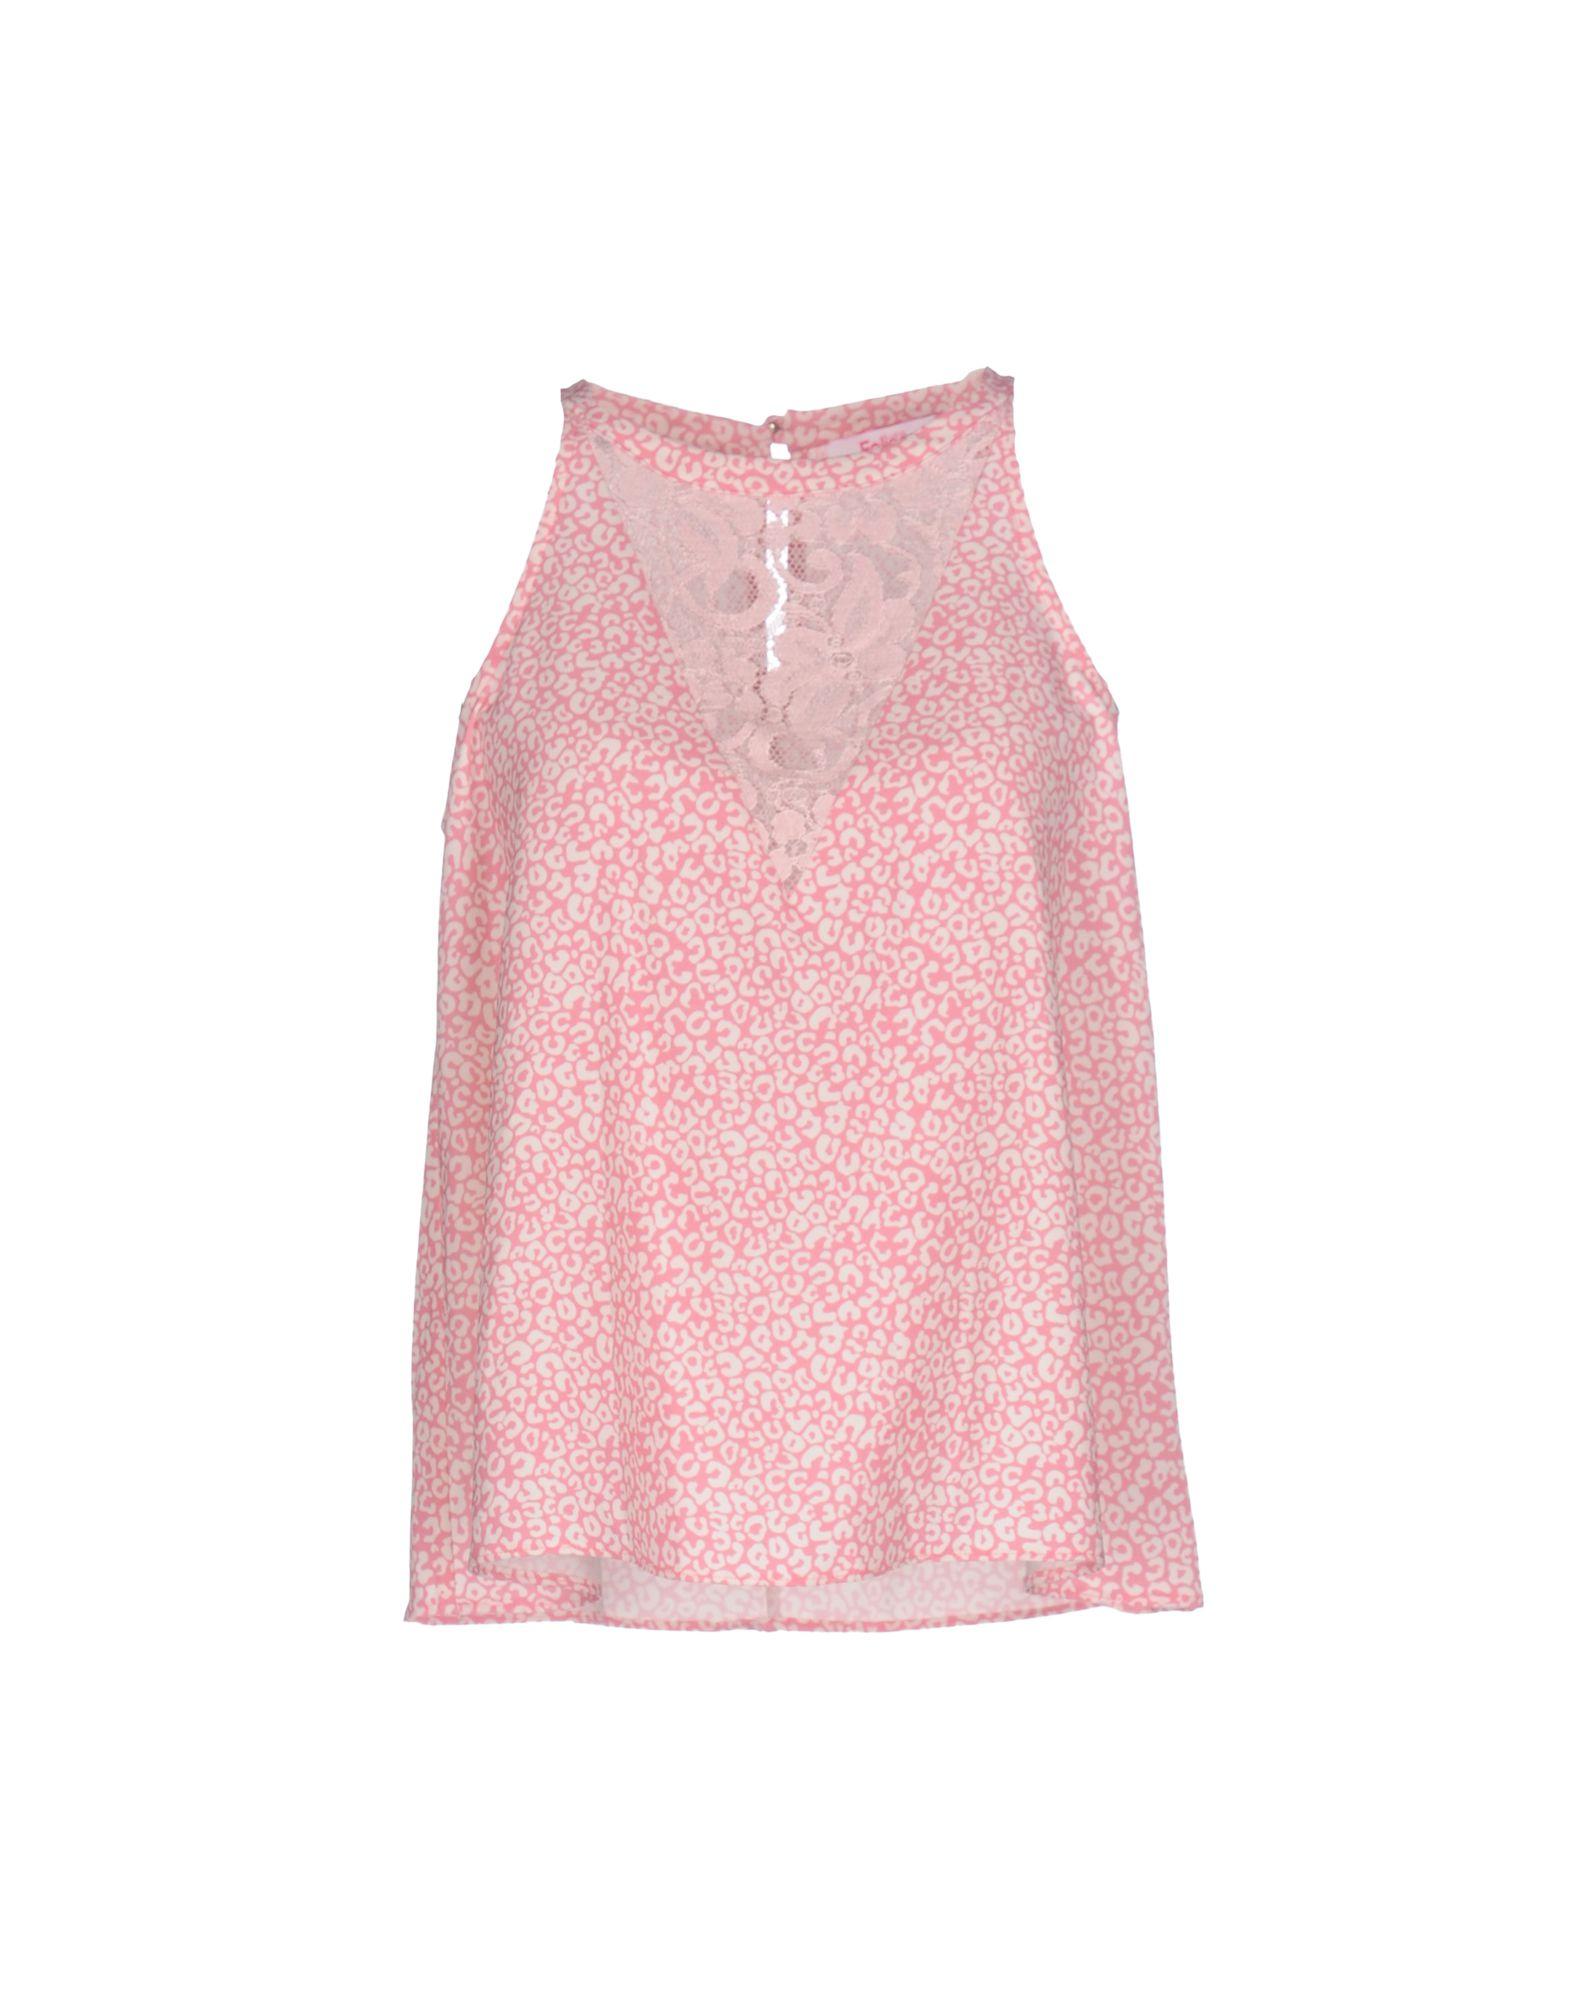 BLUGIRL FOLIES Damen Top Farbe Rosa Größe 7 jetztbilligerkaufen